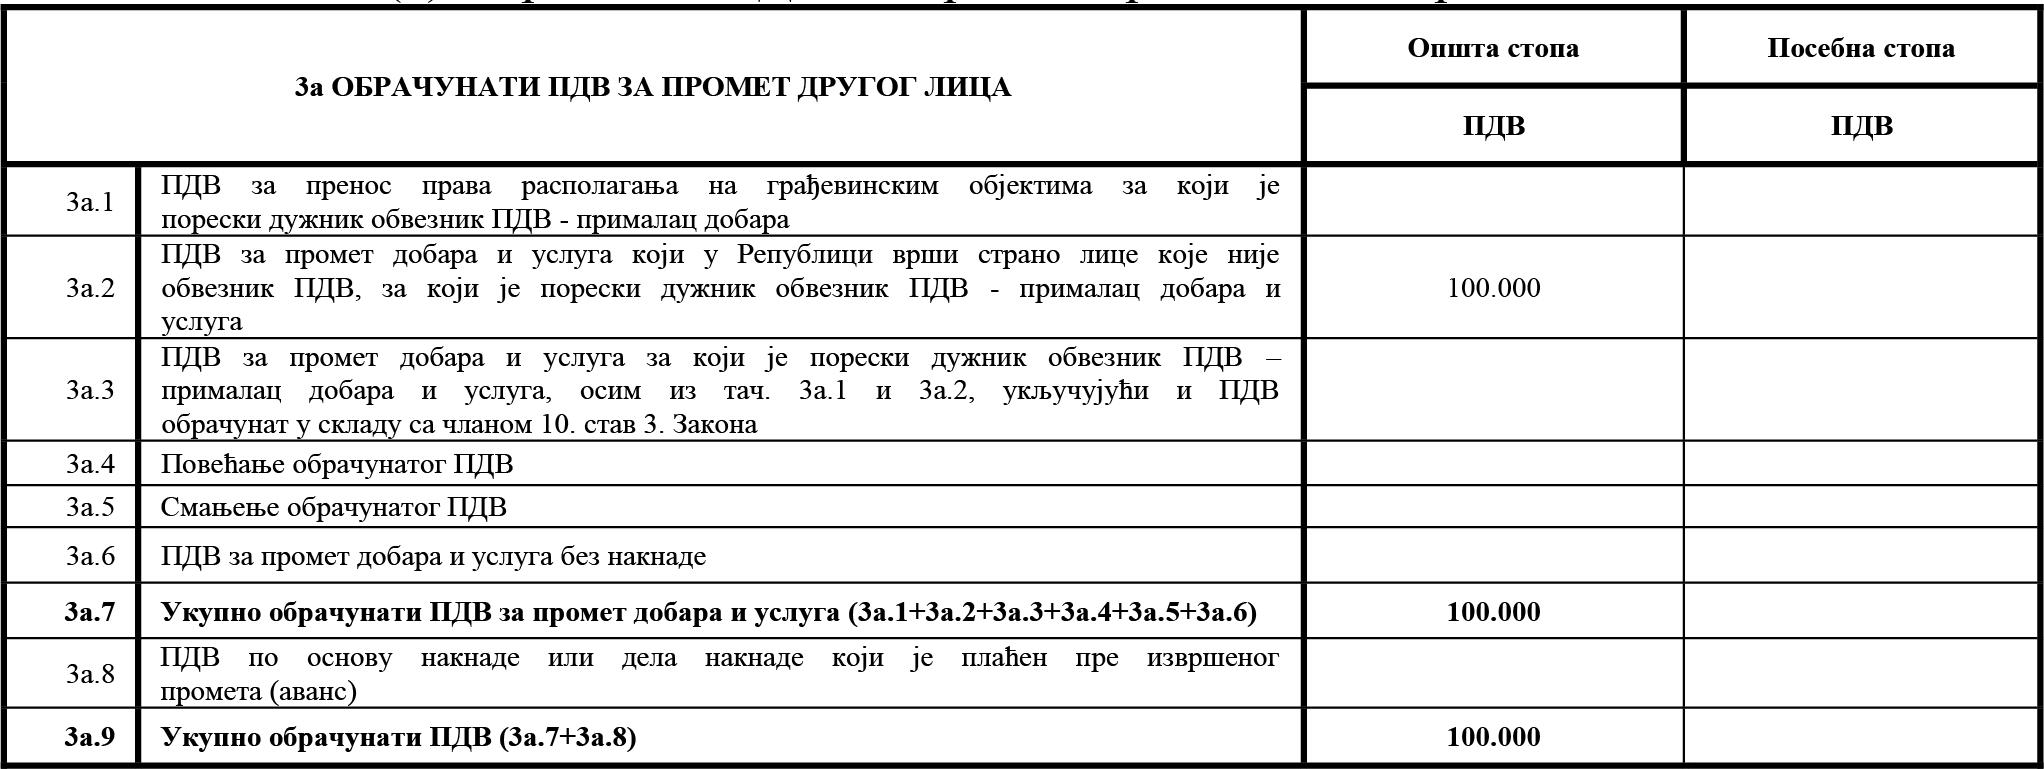 uputstvo PU obrazac POPDV primer 111 - 1.1